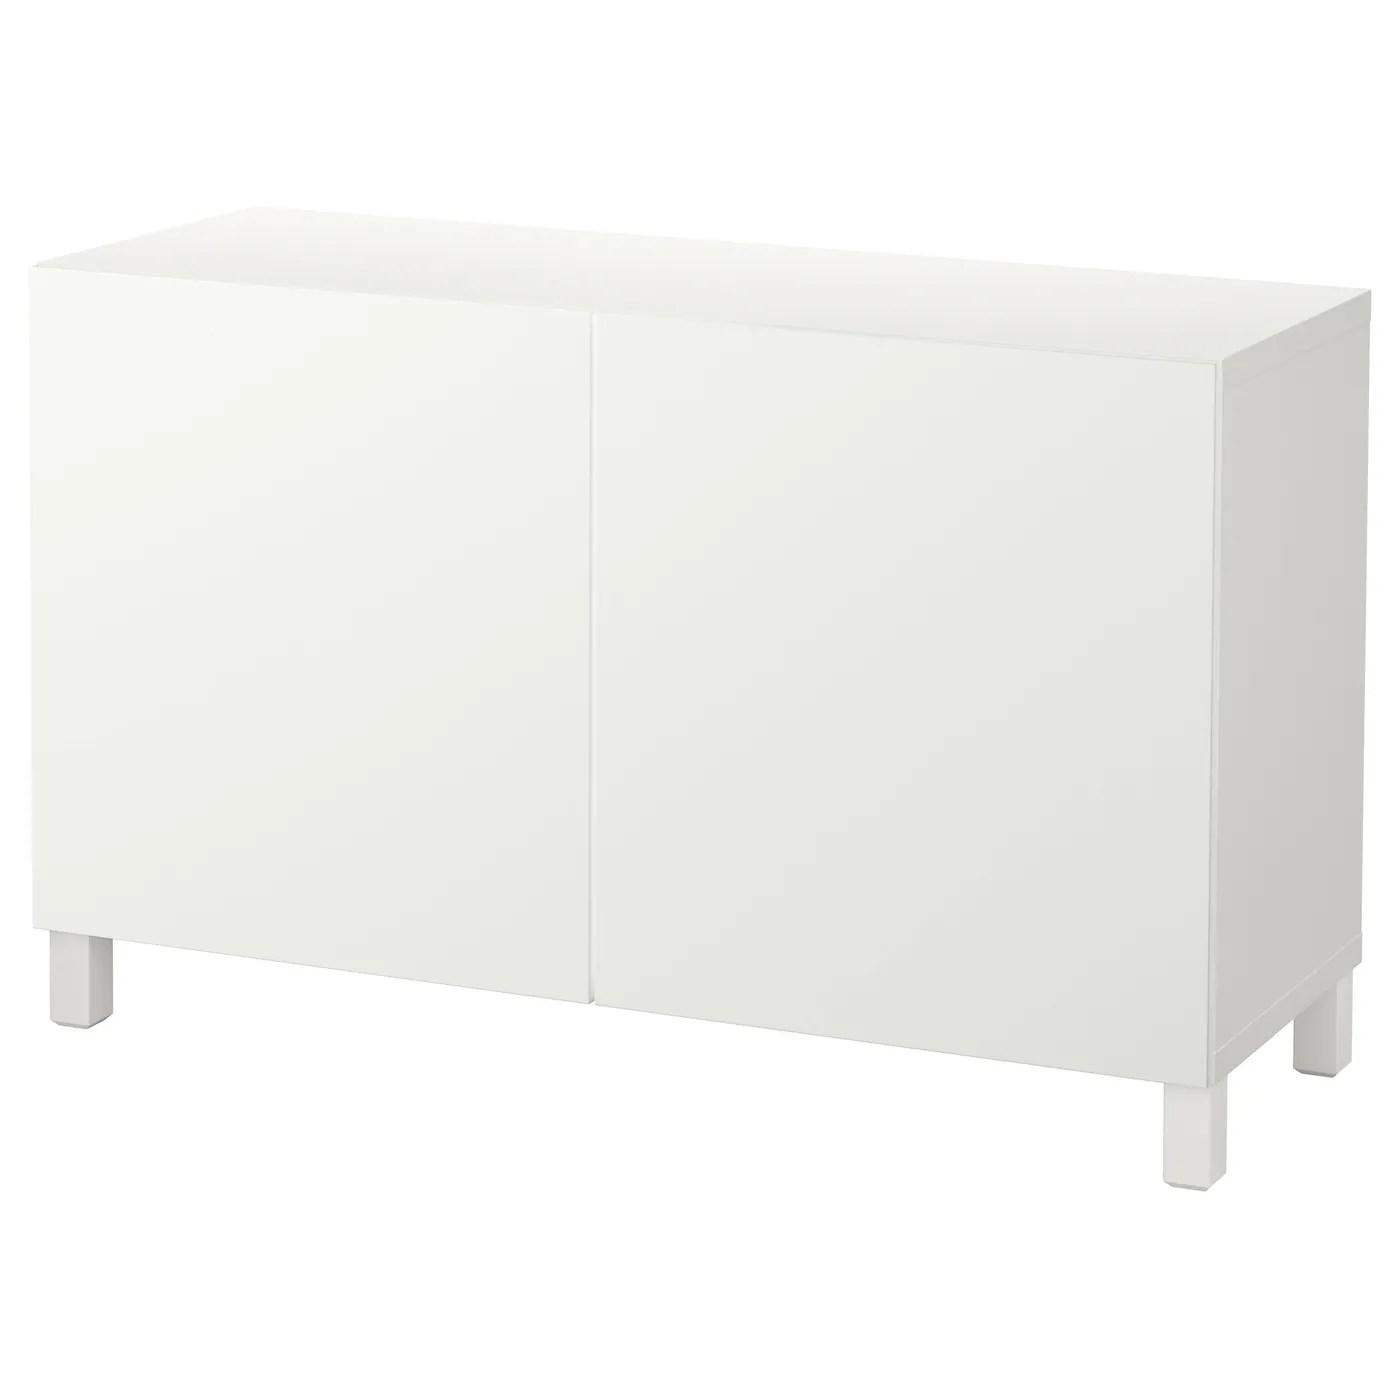 Meubles De Rangement Ikea